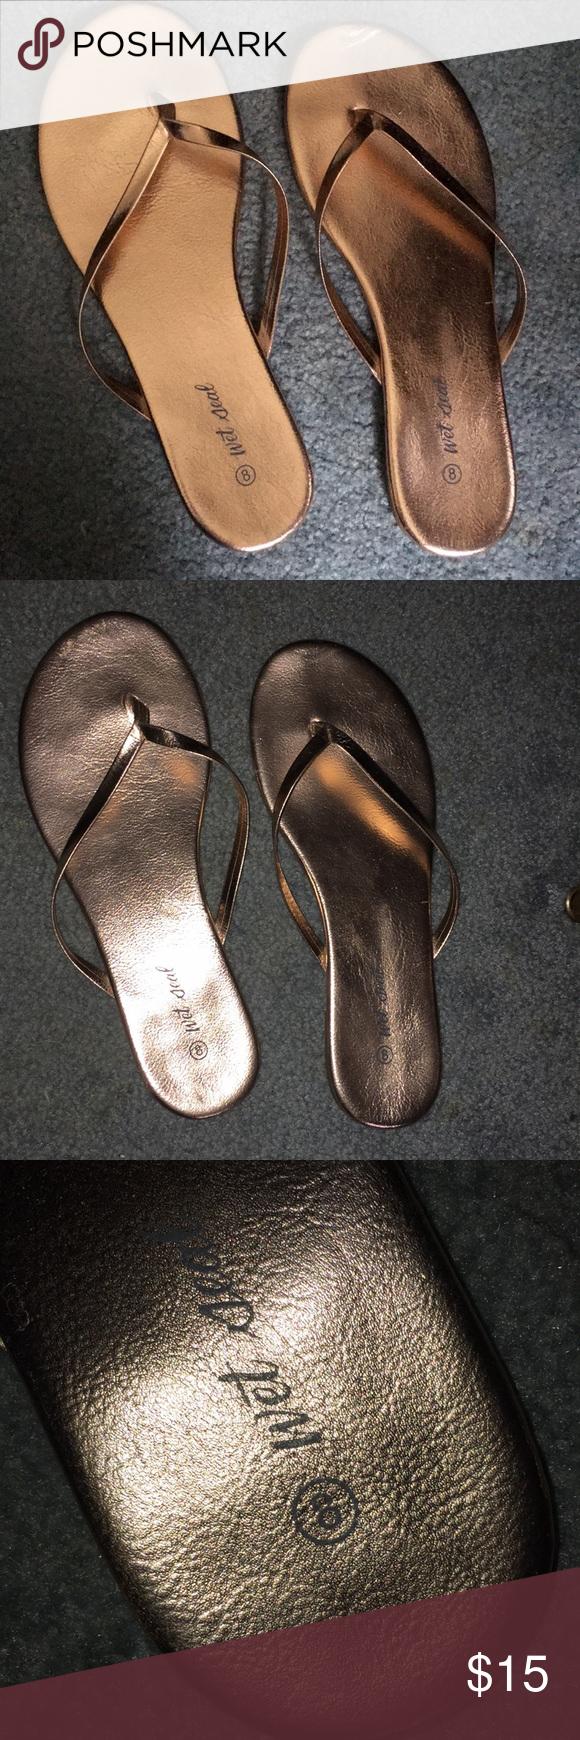 Wetseal Flip Flops  Wet Seal Shoes, Wet Seal, Flip Flops-8526